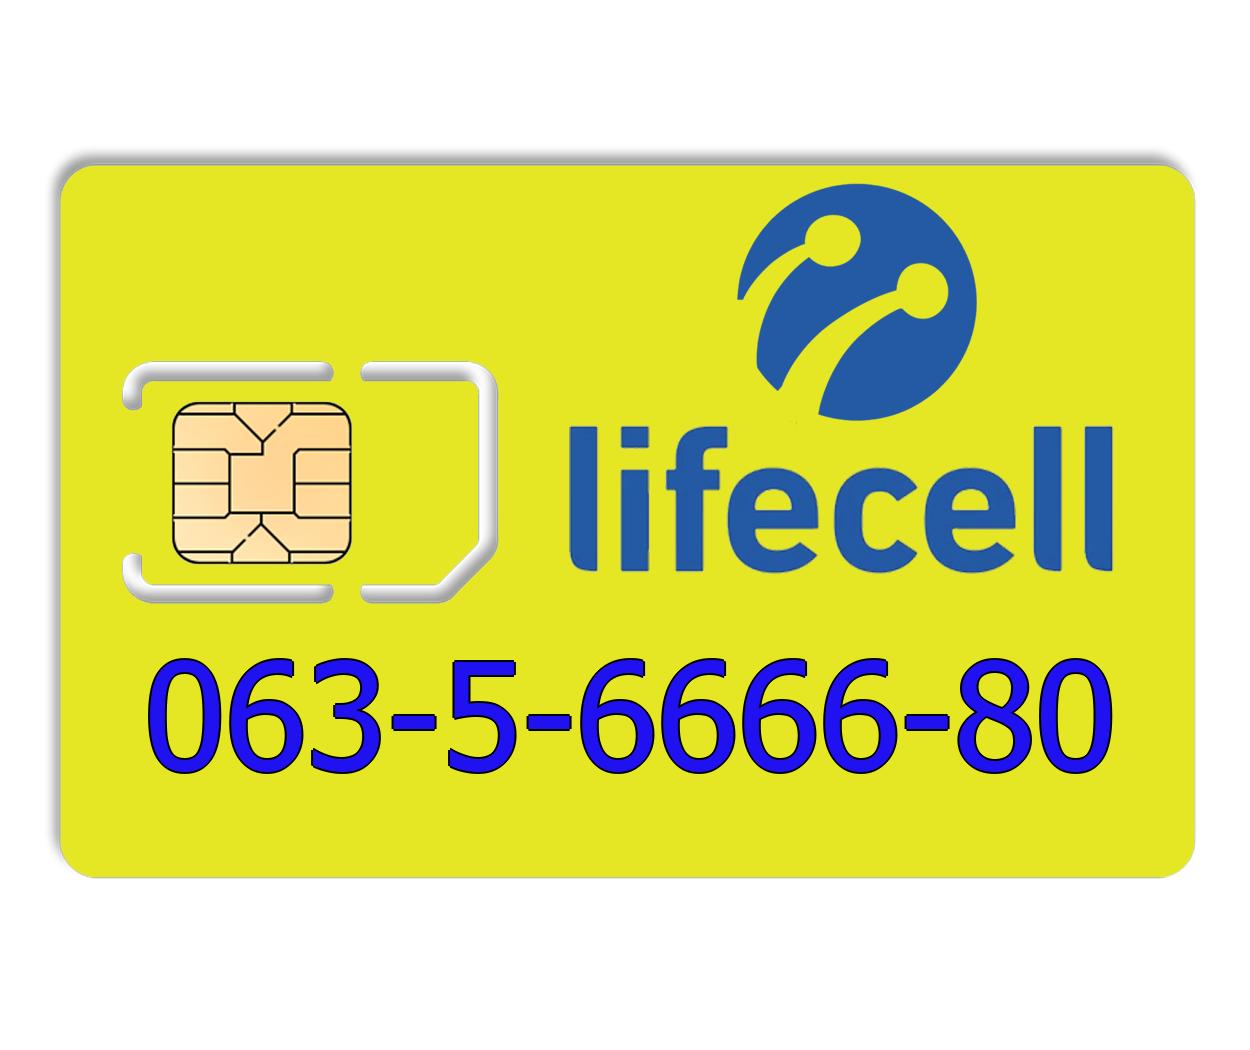 Красивый номер lifecell 063-5-6666-80